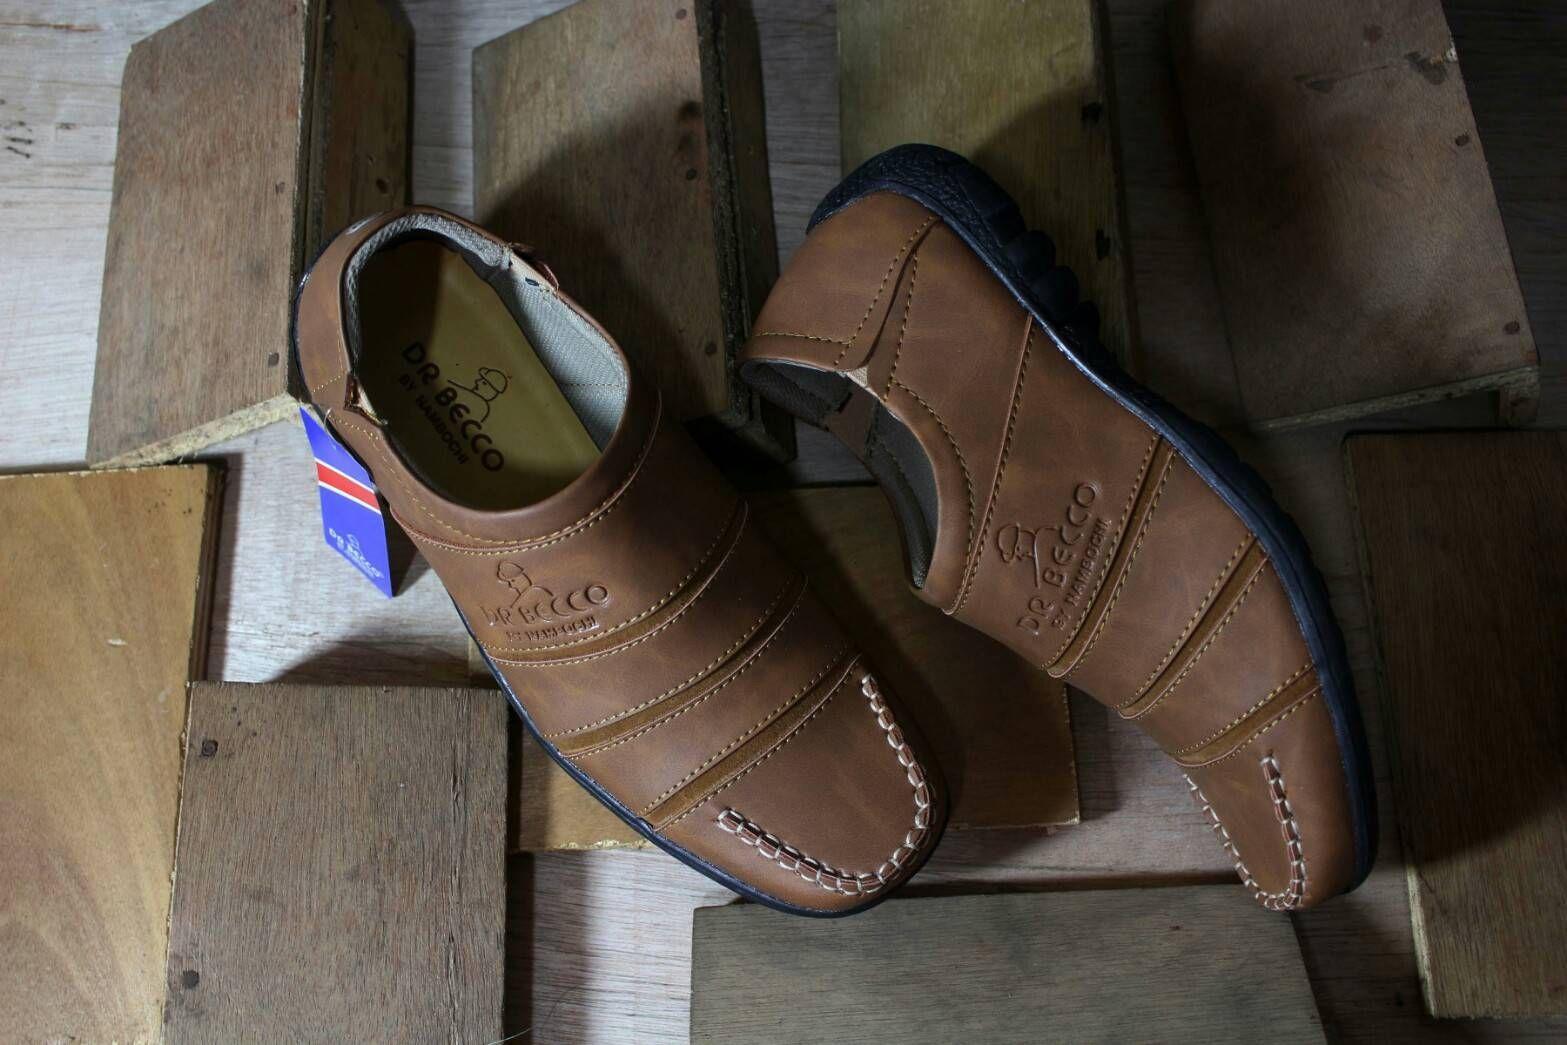 Sepatu Gaya Pria Dr Becco Kasual Trendi Slipon Pantifel Boots Vans Terbaru Coklat